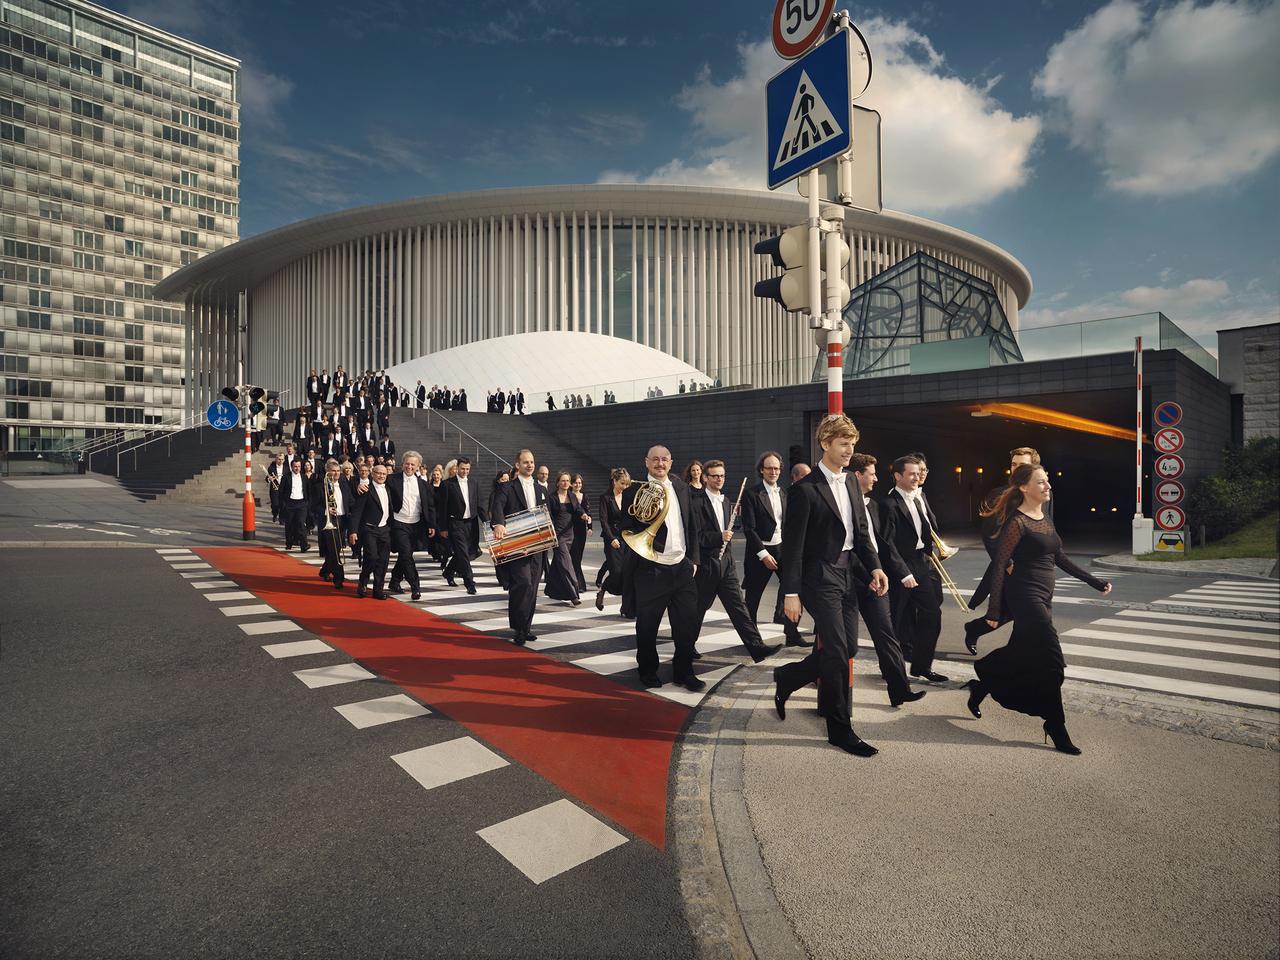 Le Boléro de Ravel :L'Orchestre Philharmonique du Luxembourg ensemble, de loin